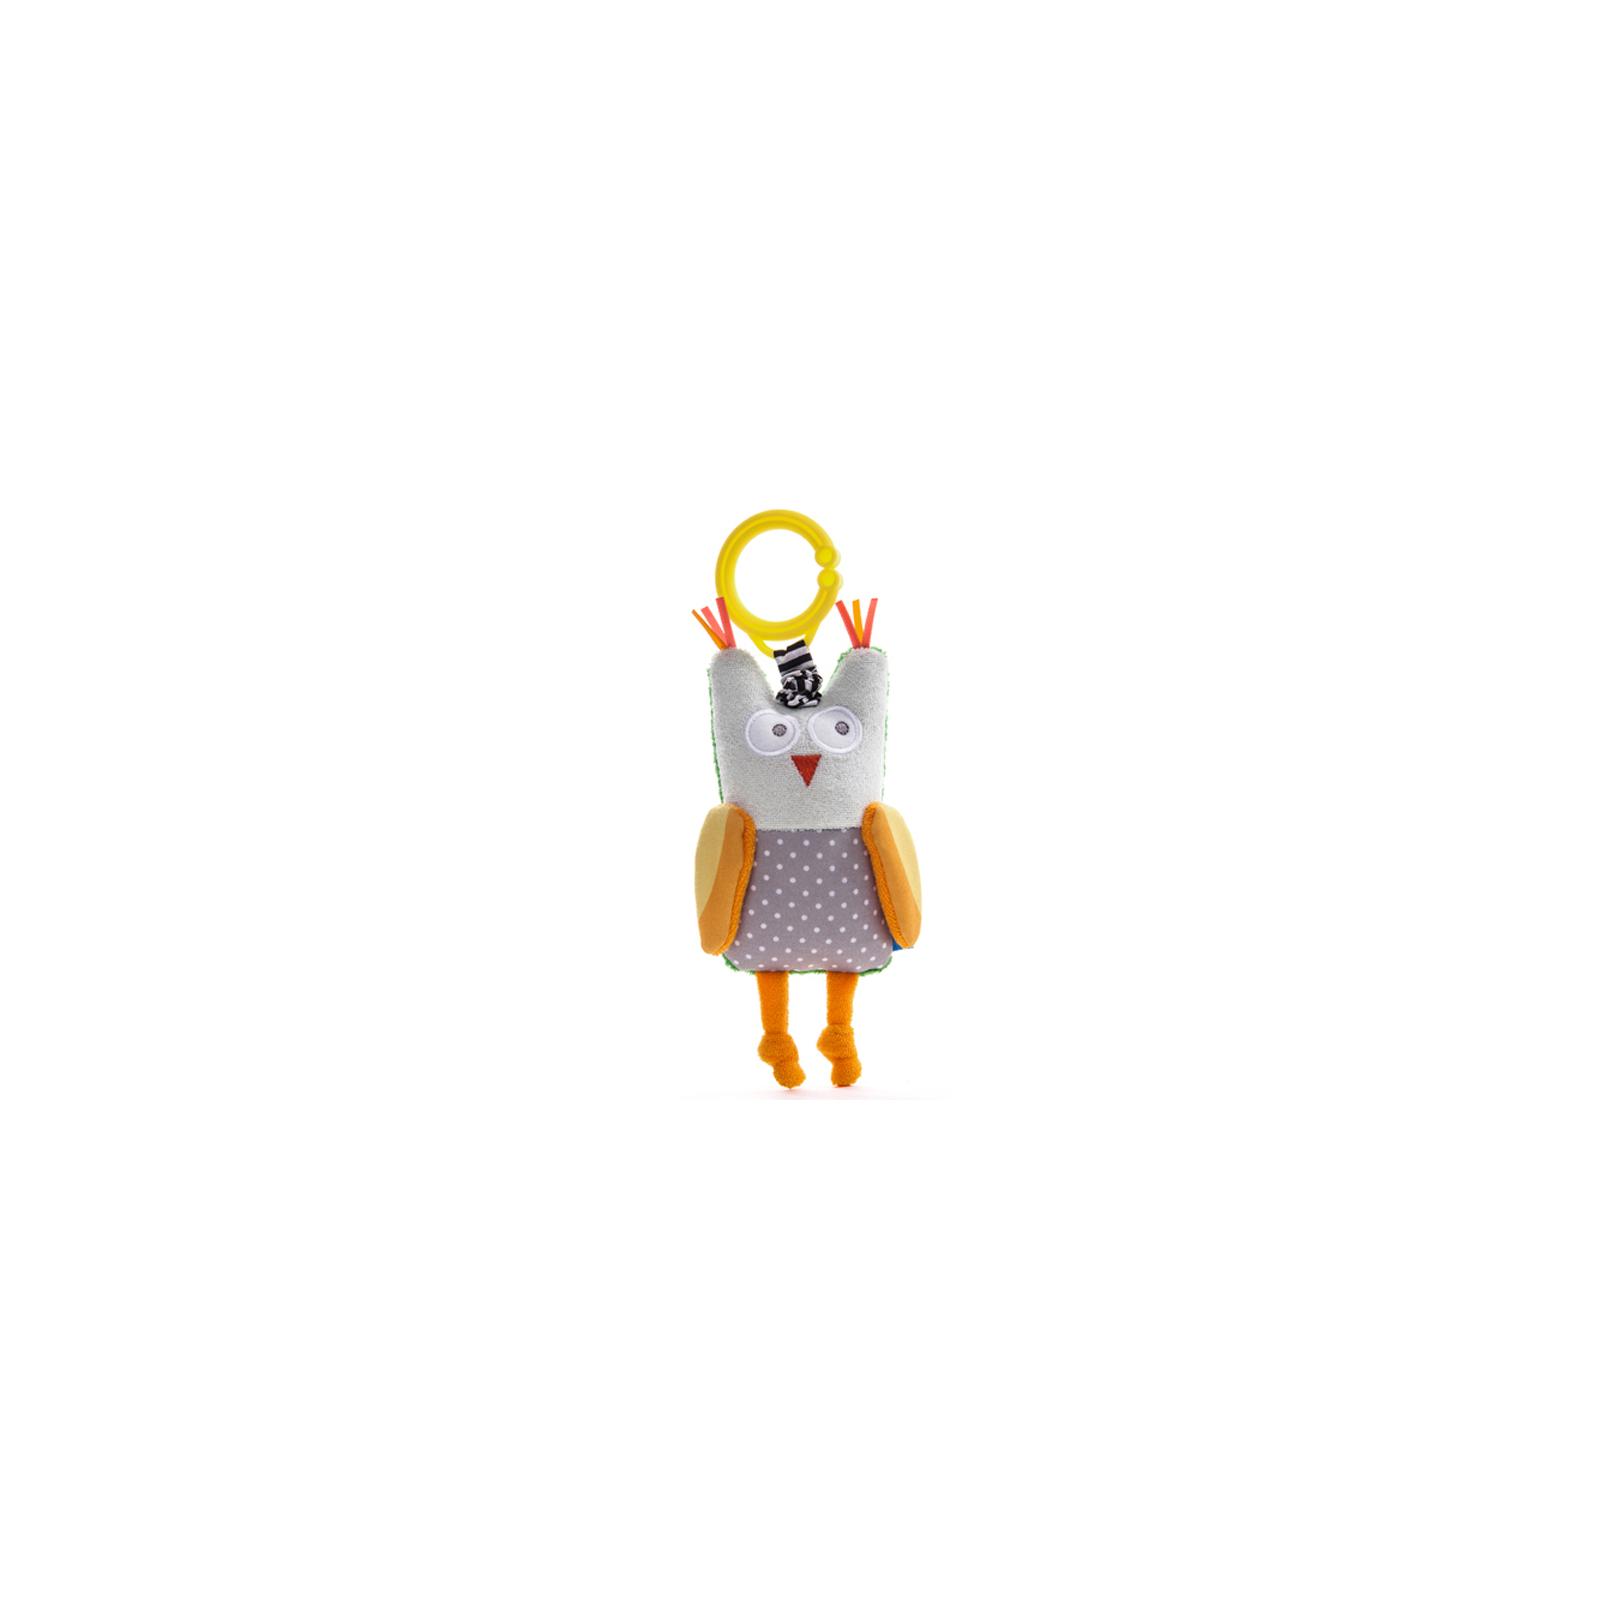 Игрушка-подвеска Taf Toys Дрожащая Сова (11855)